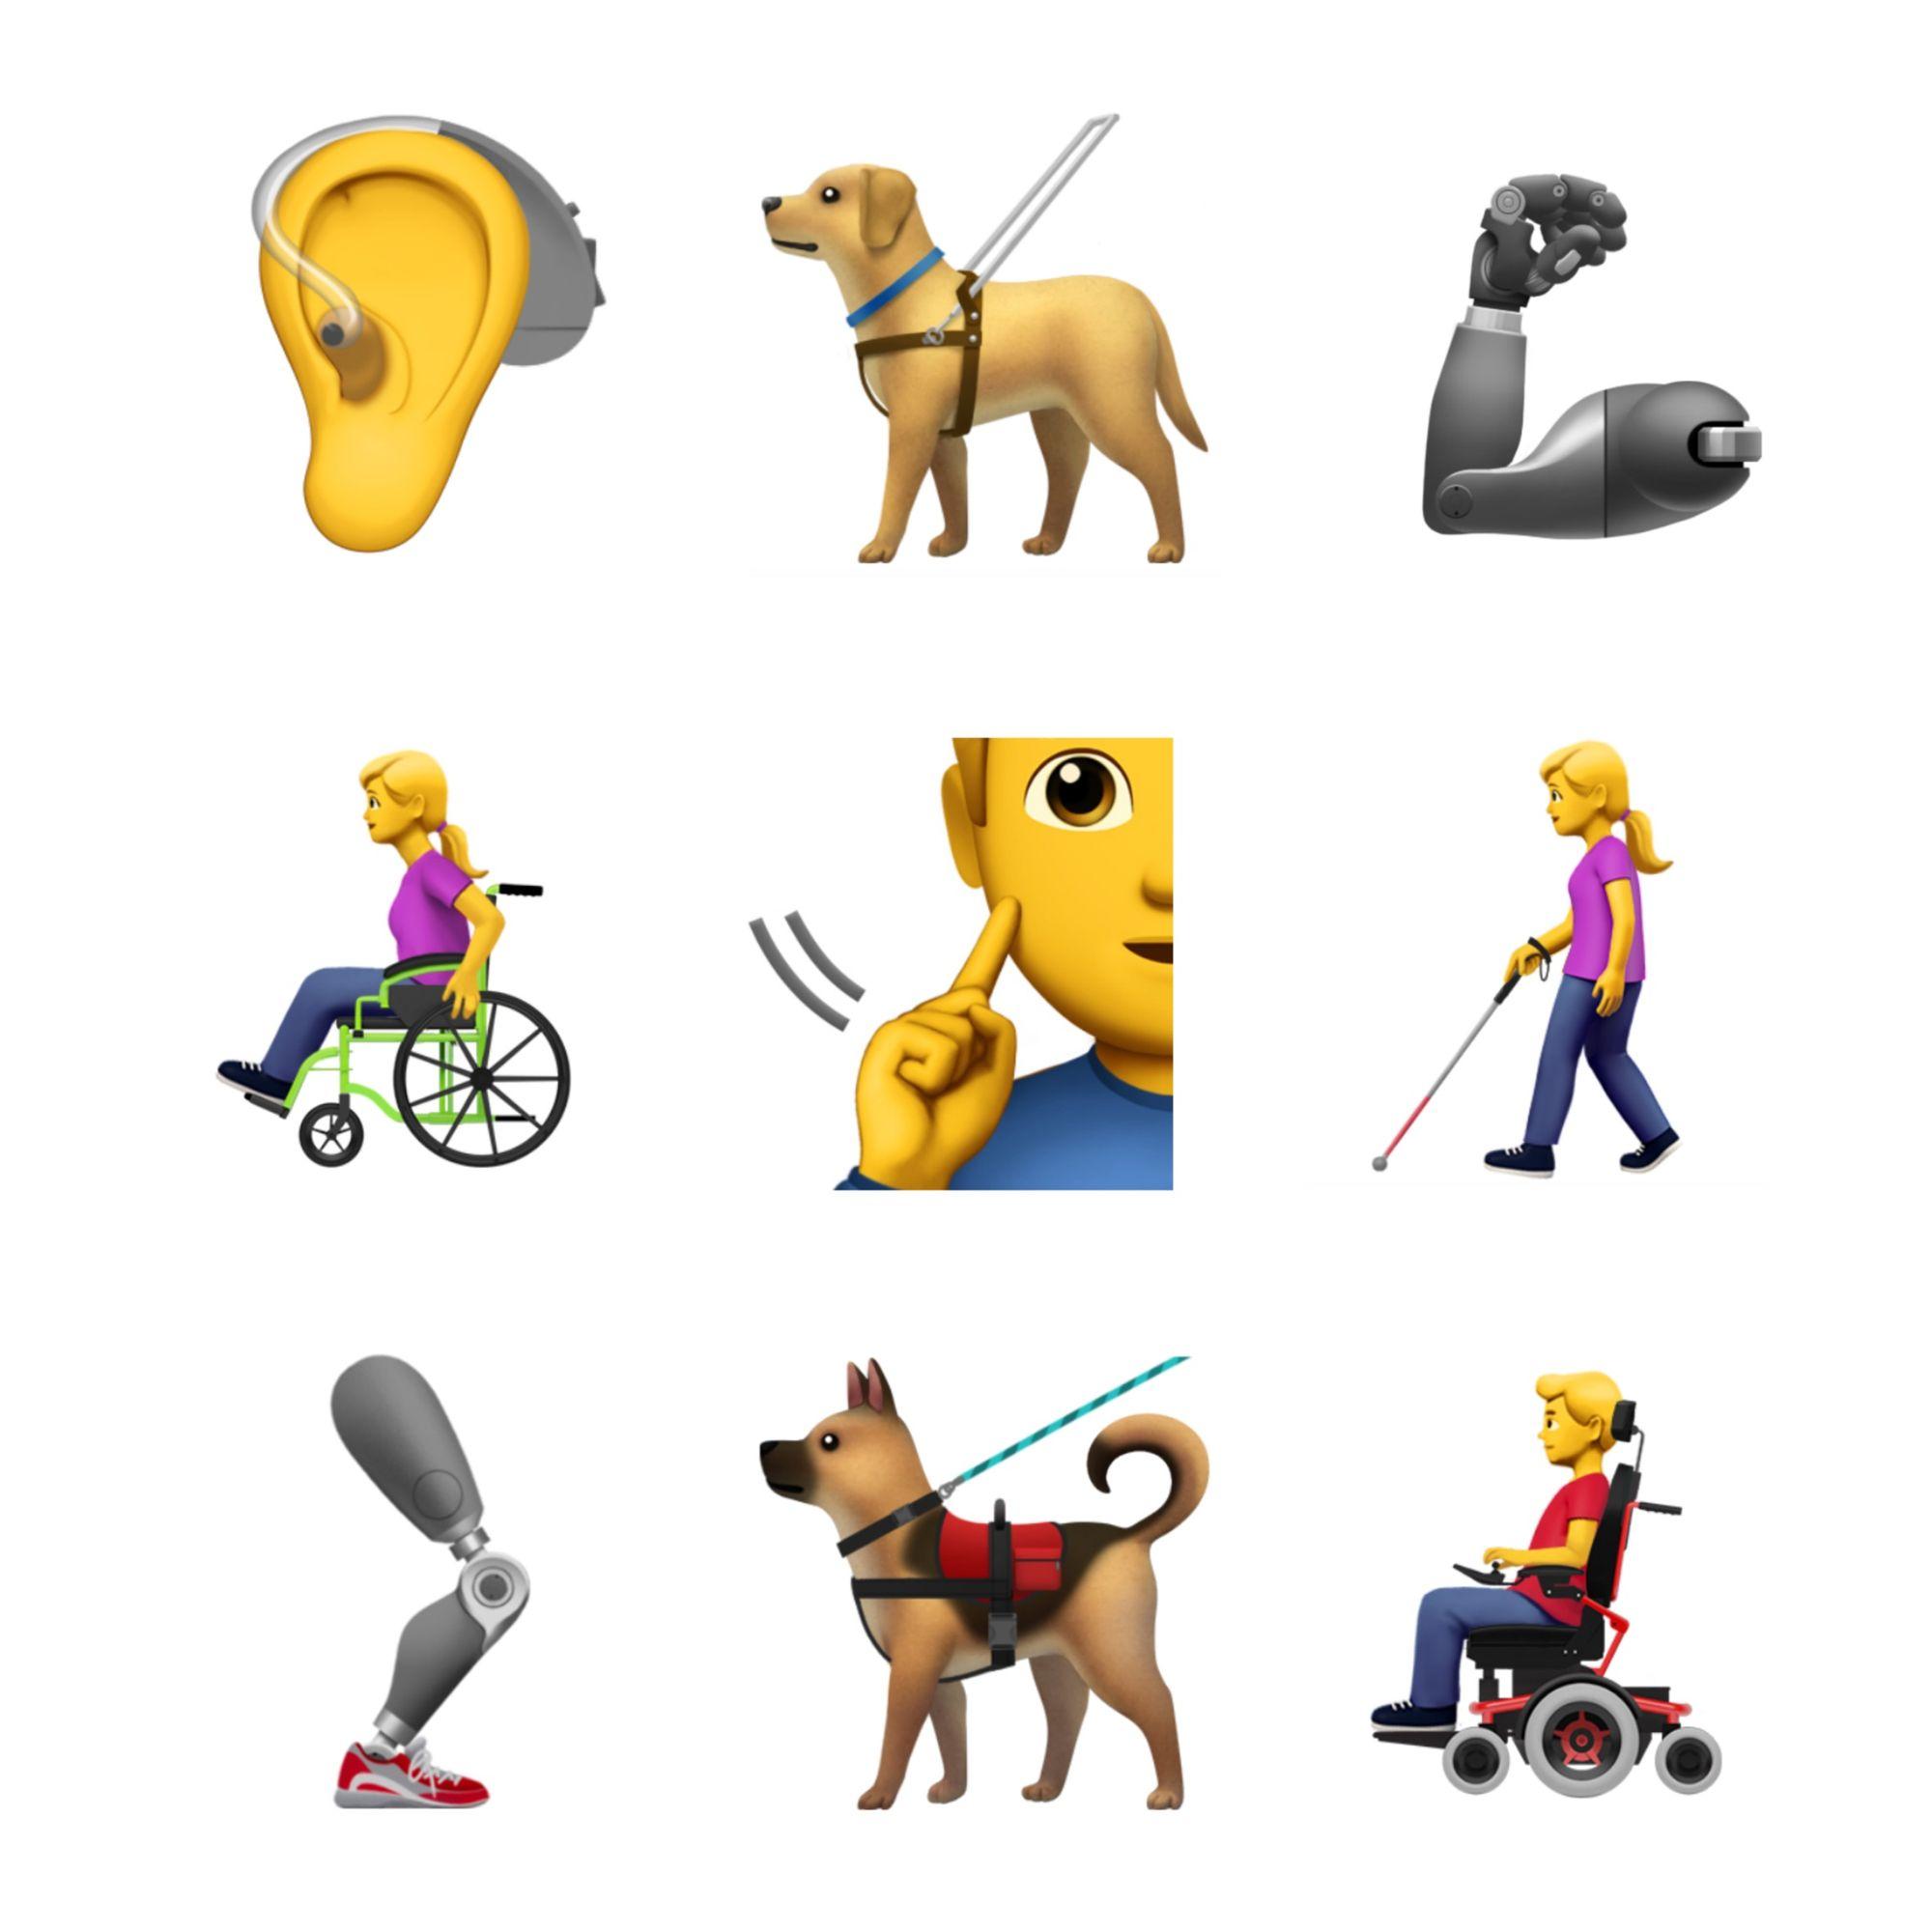 Apple emoji 2019 update - toegankelijkheid